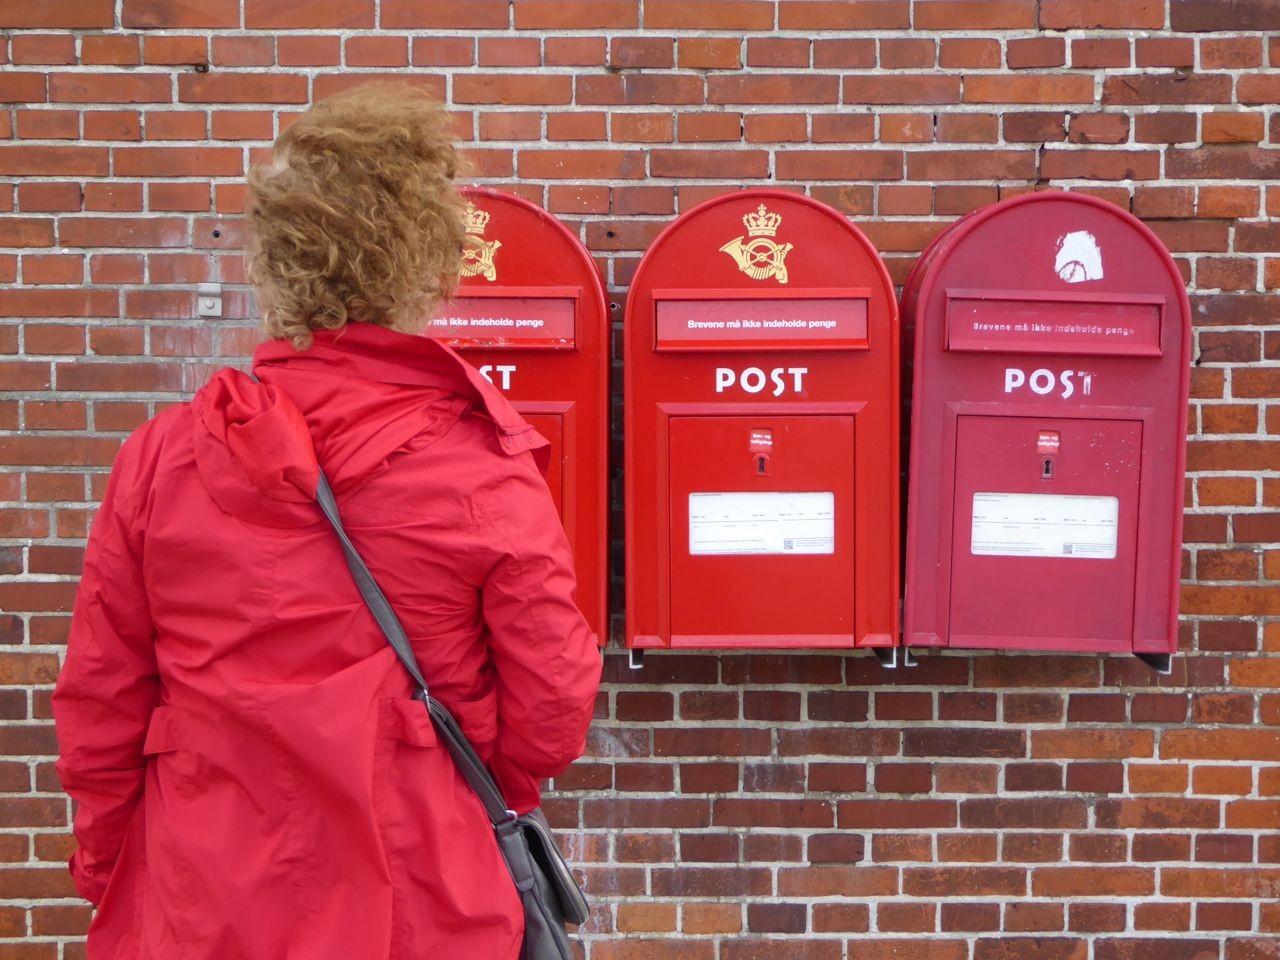 Faaborg - Warum 3 Briefkasten?